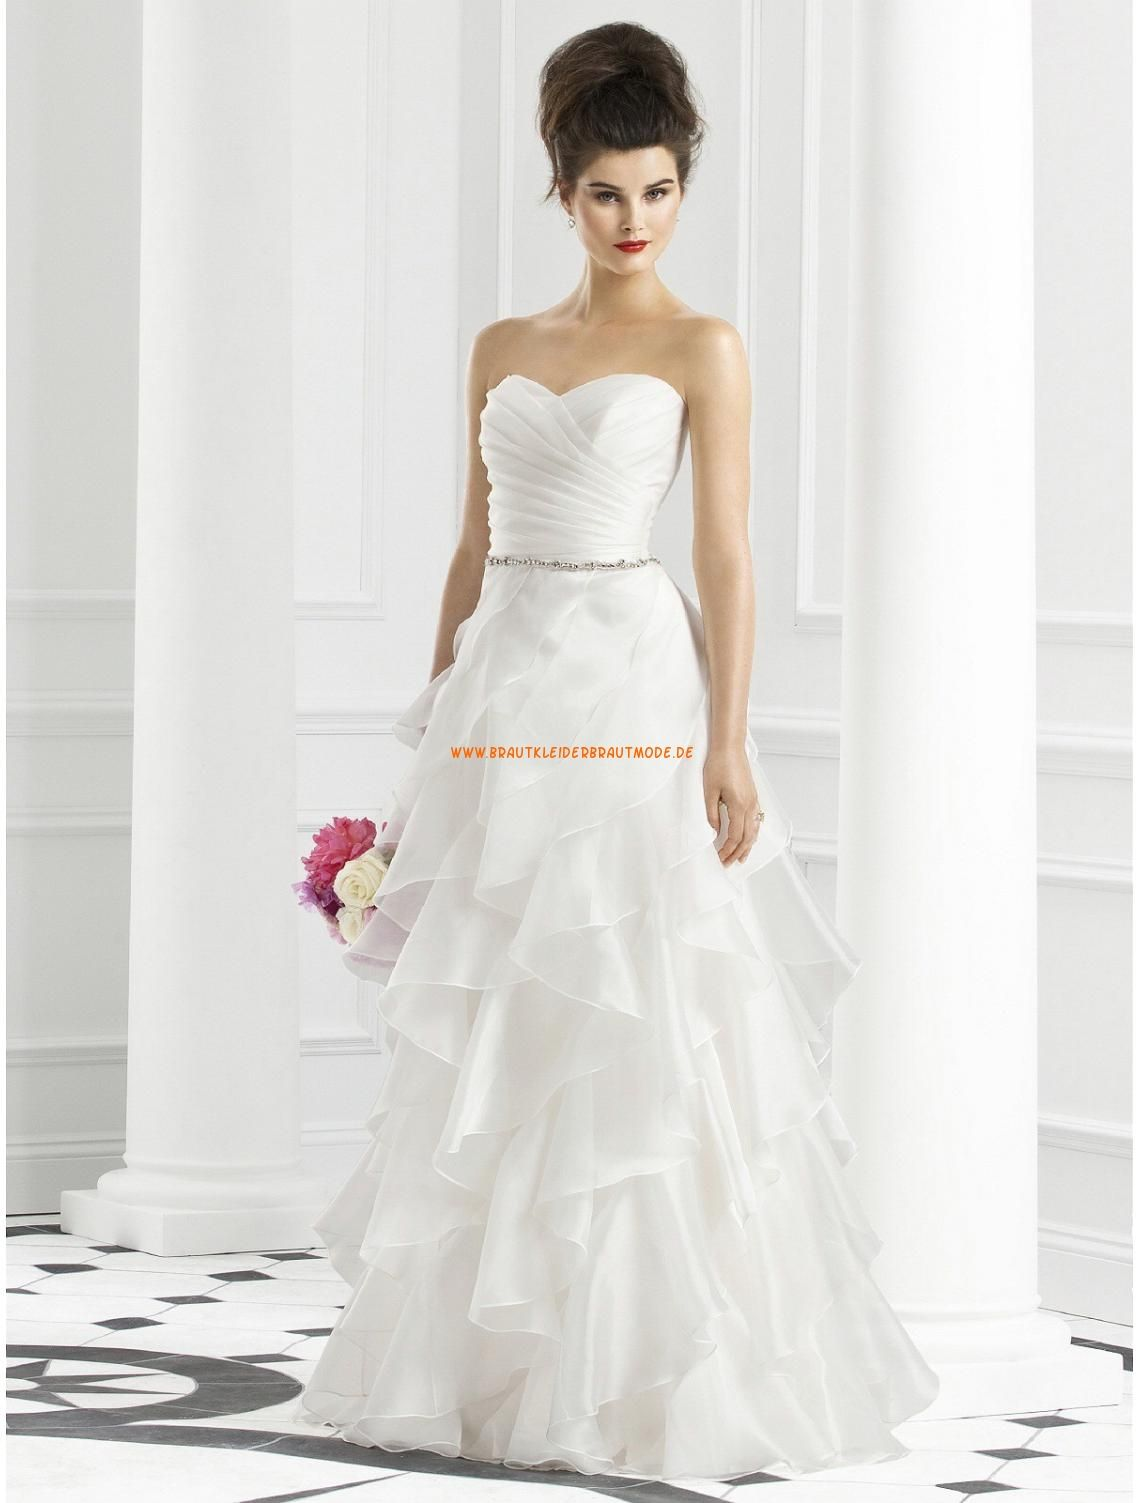 Designe Moderne Lange Brautkleider aus Organza | Brautkleider aus ...